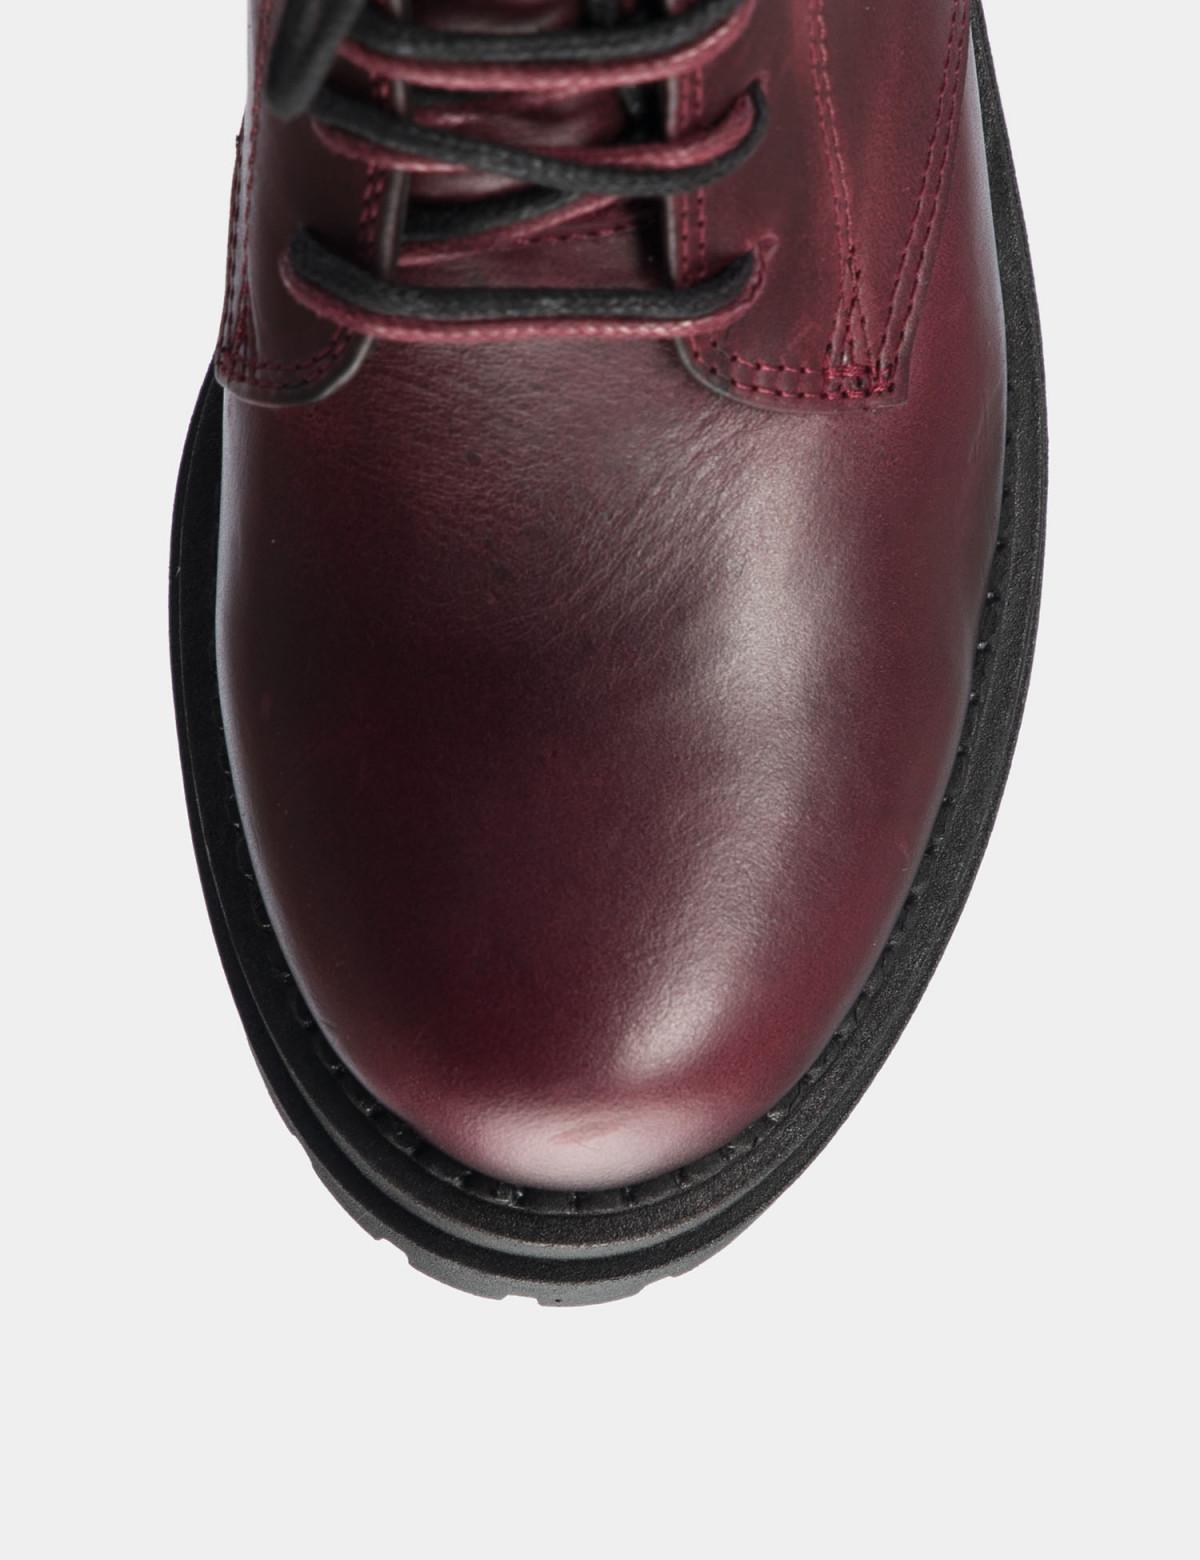 Ботинки бордовые. натуральная кожа. 3